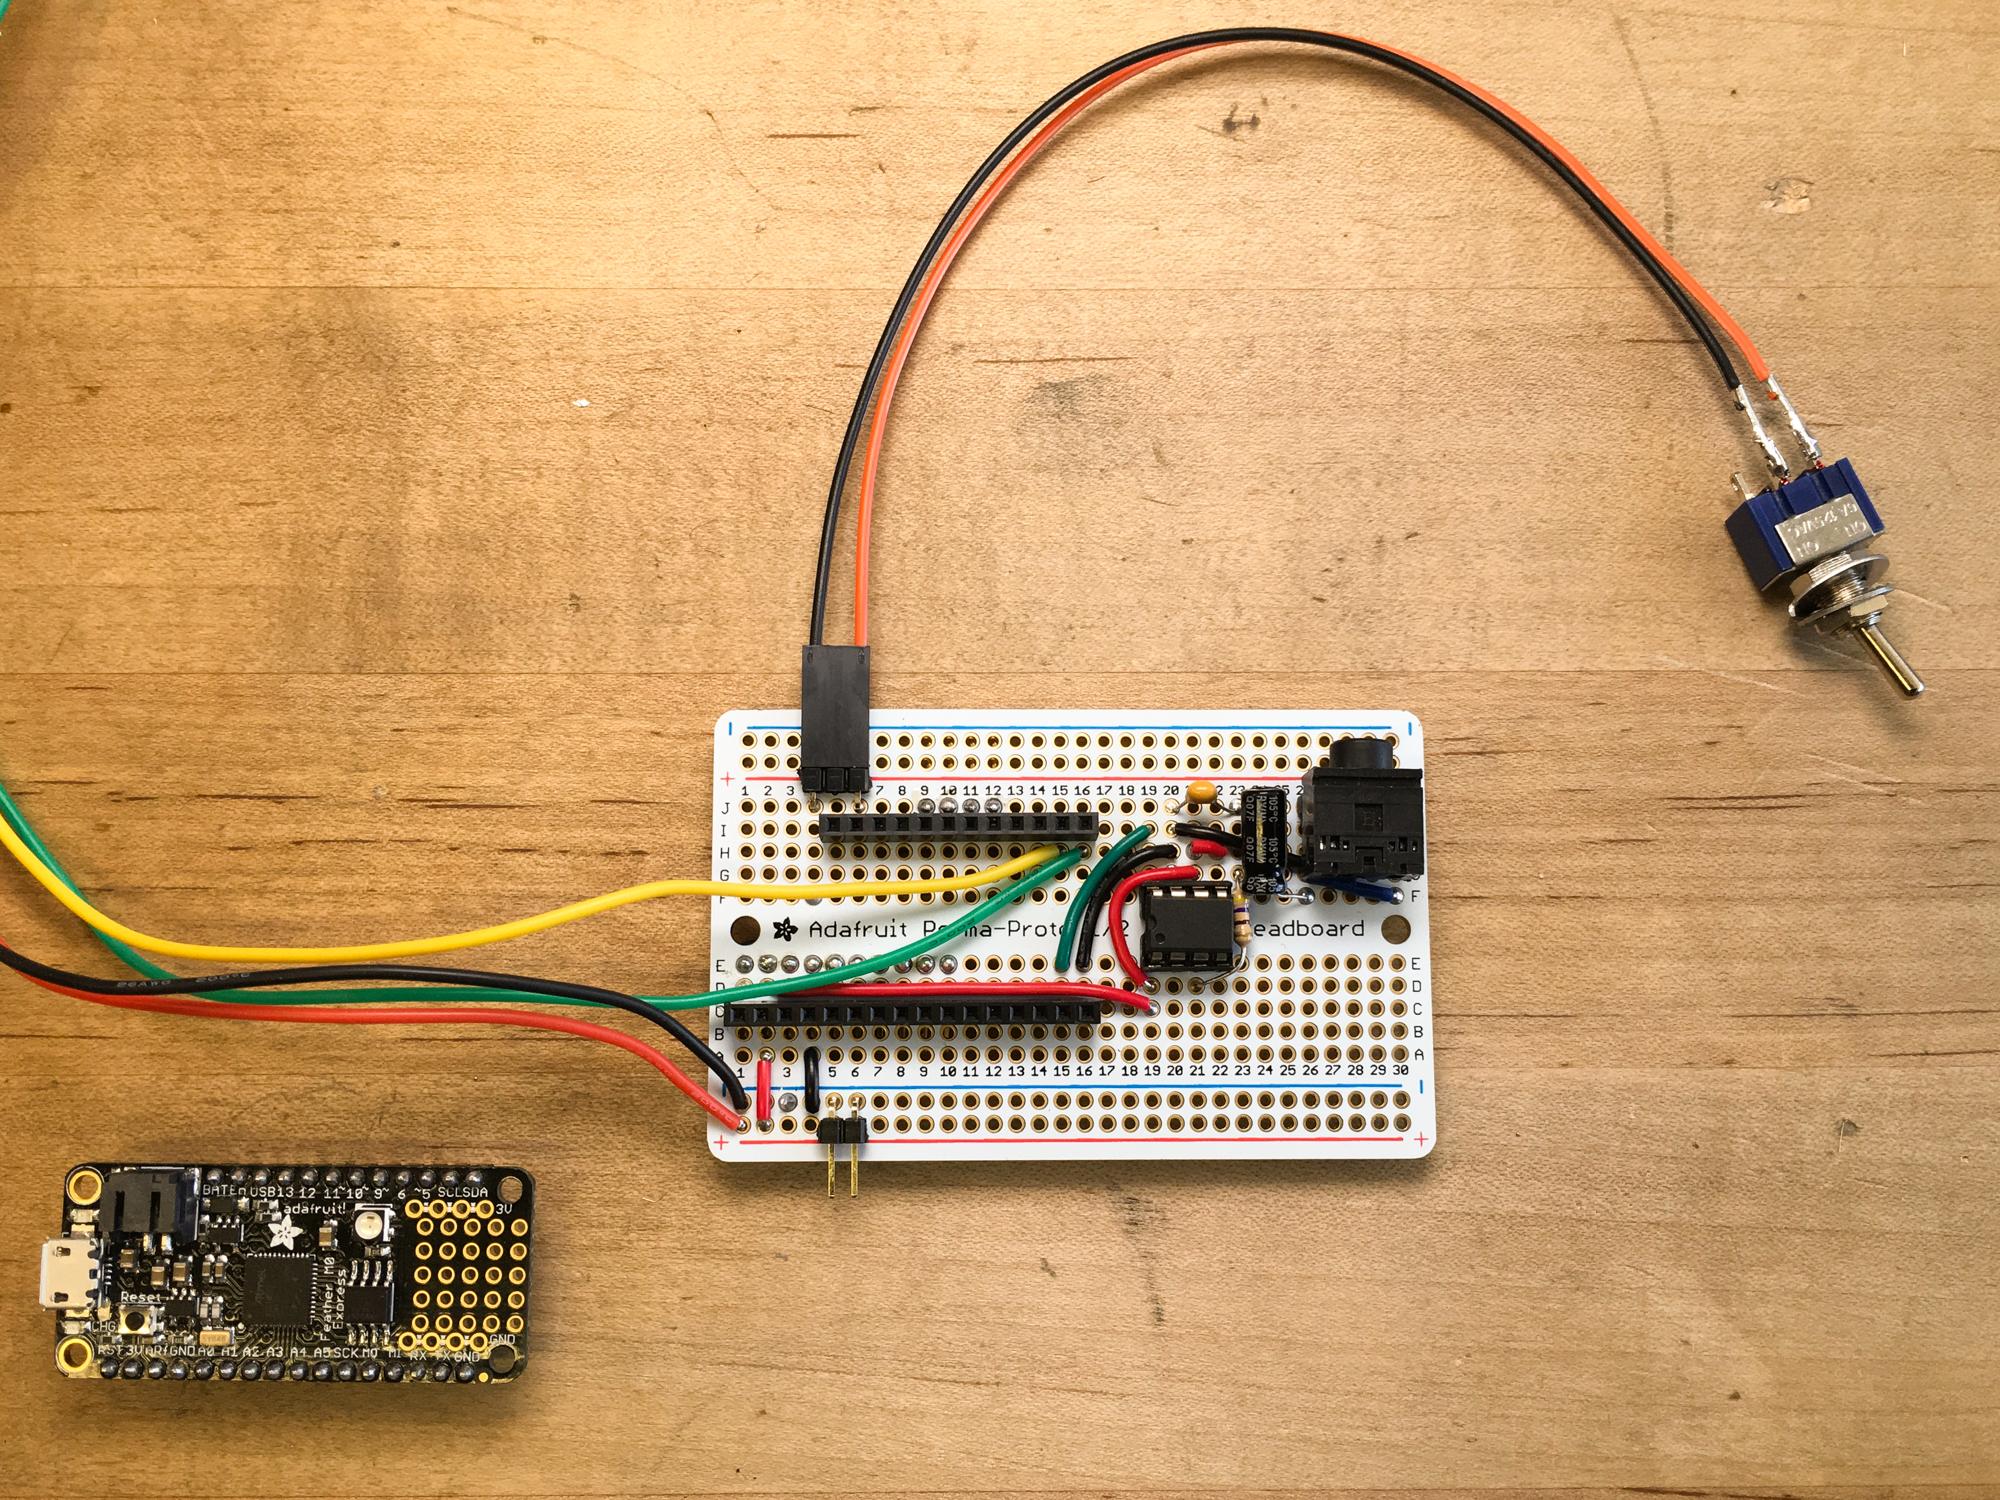 microcontrollers_IMG_2165_2k.jpg